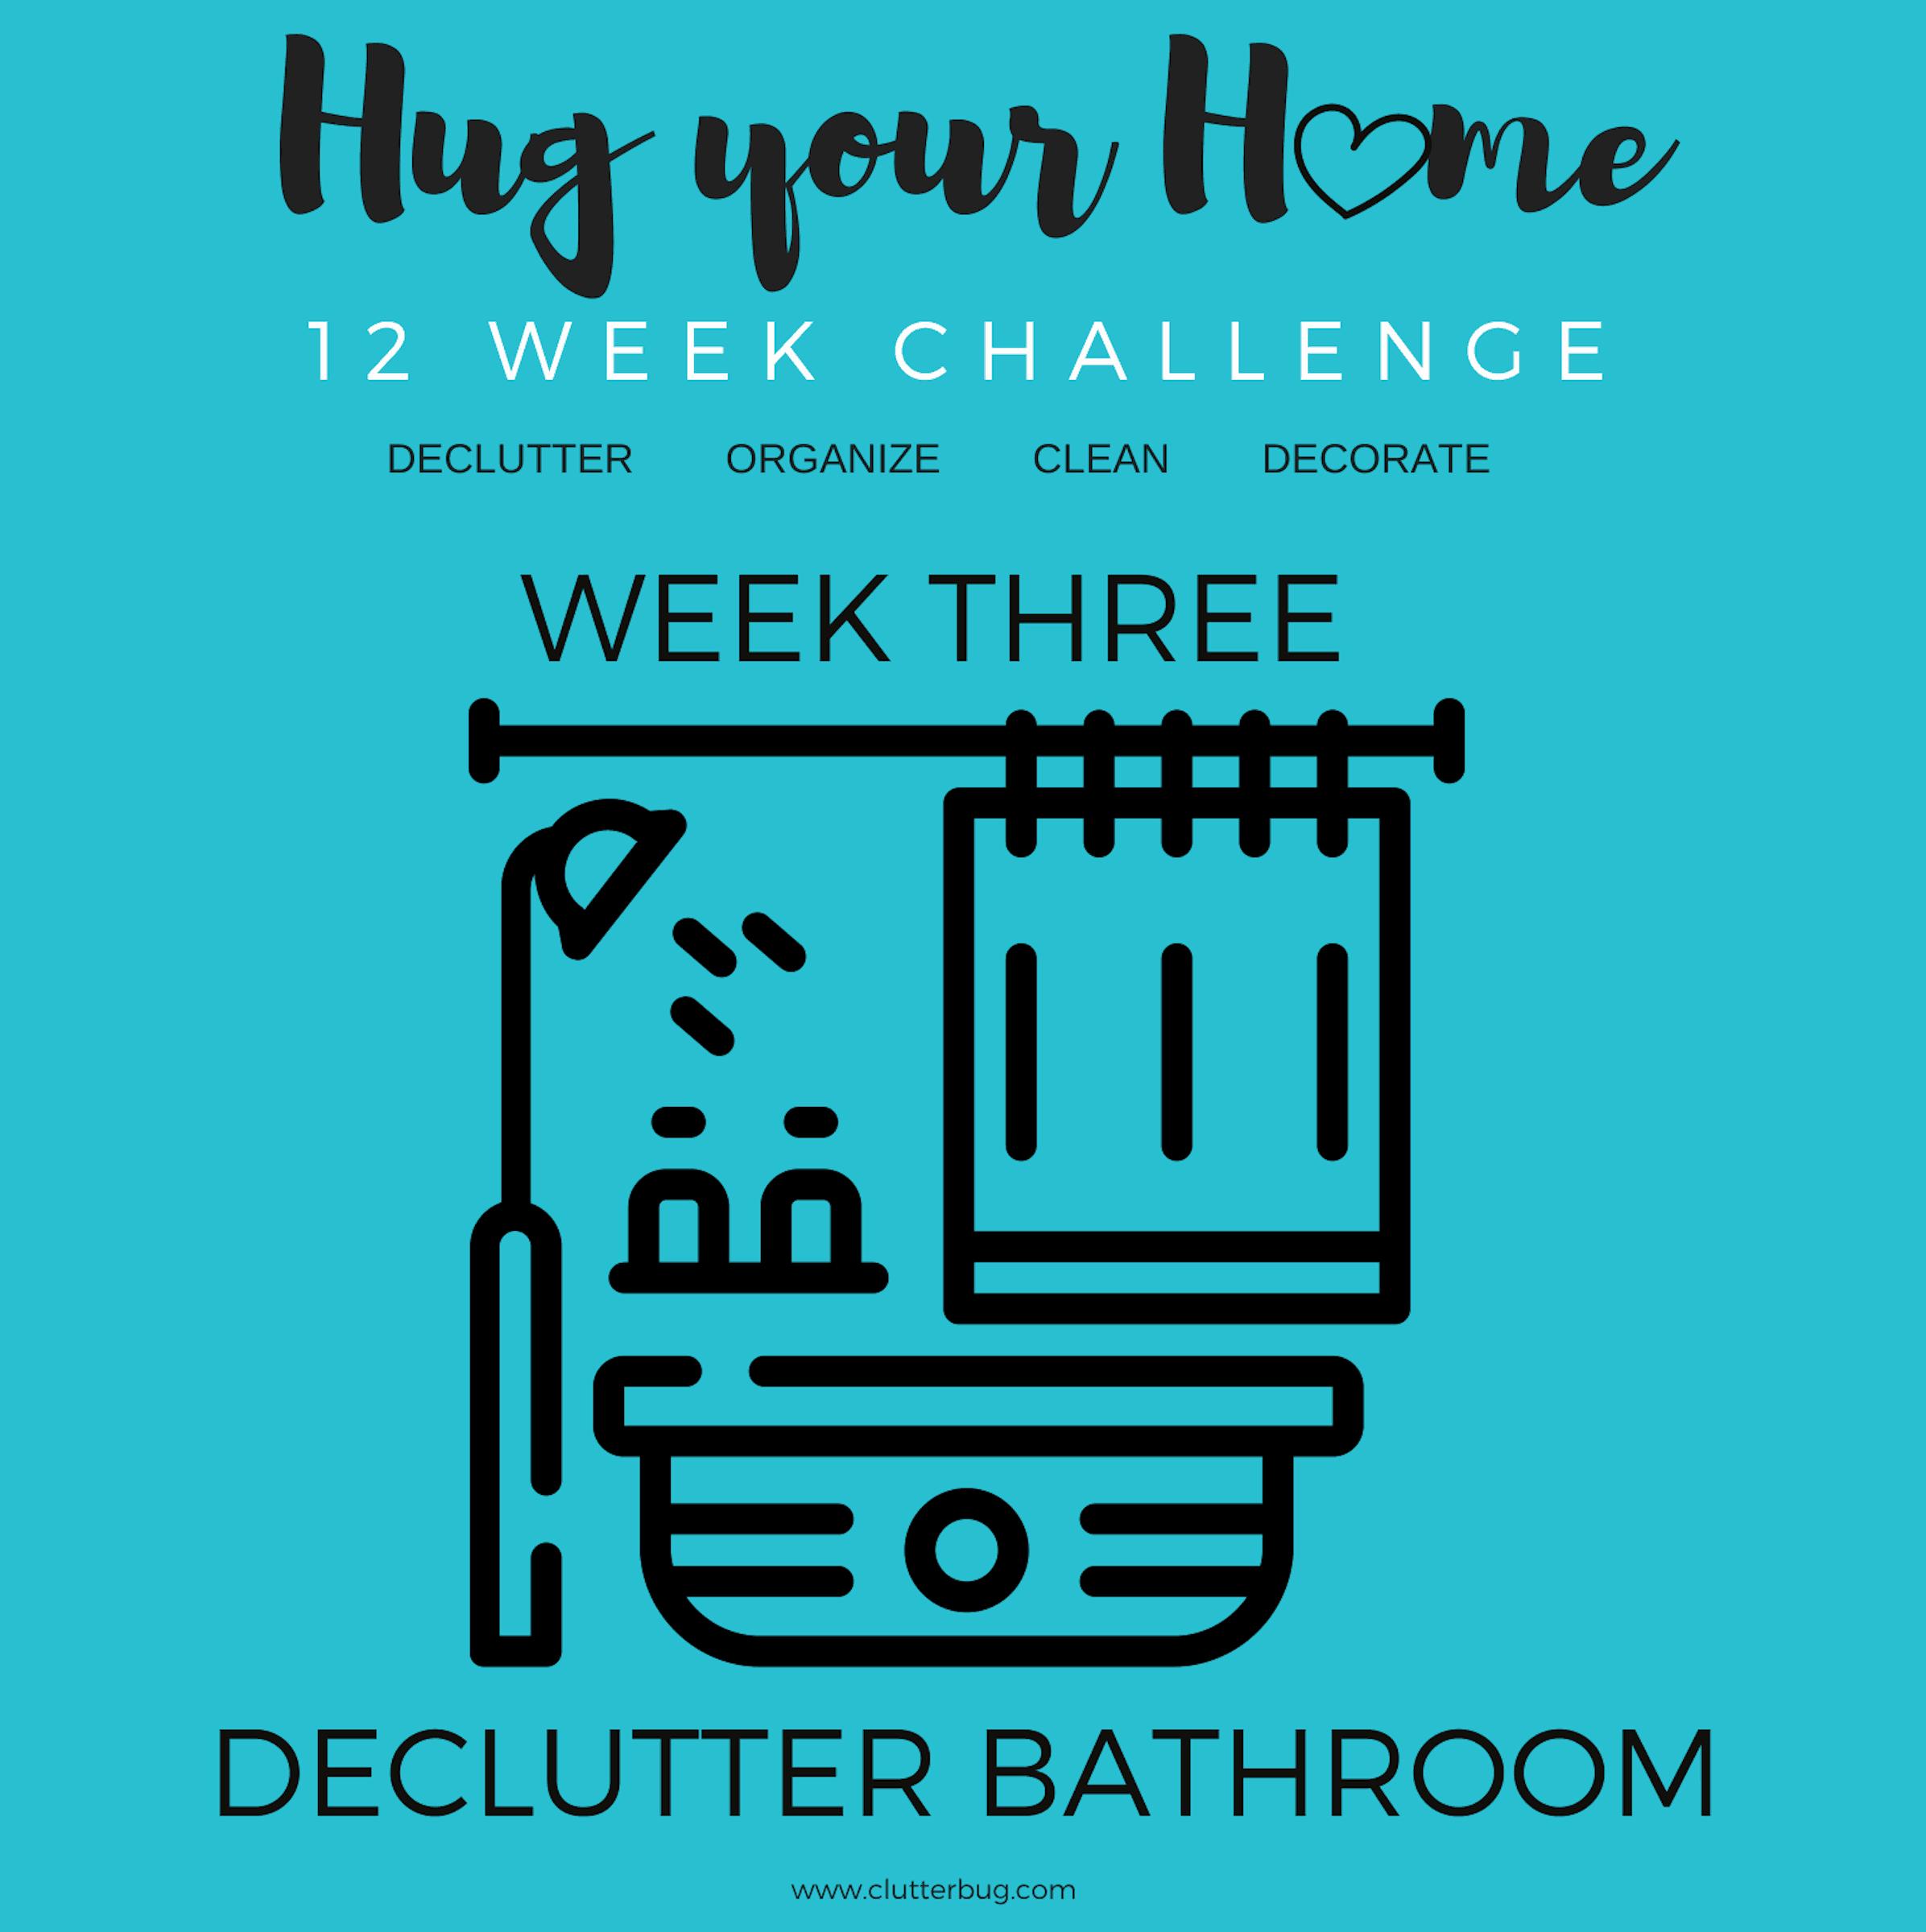 Declutter your Bathroom – Week Three – Hug Your Home Challenge